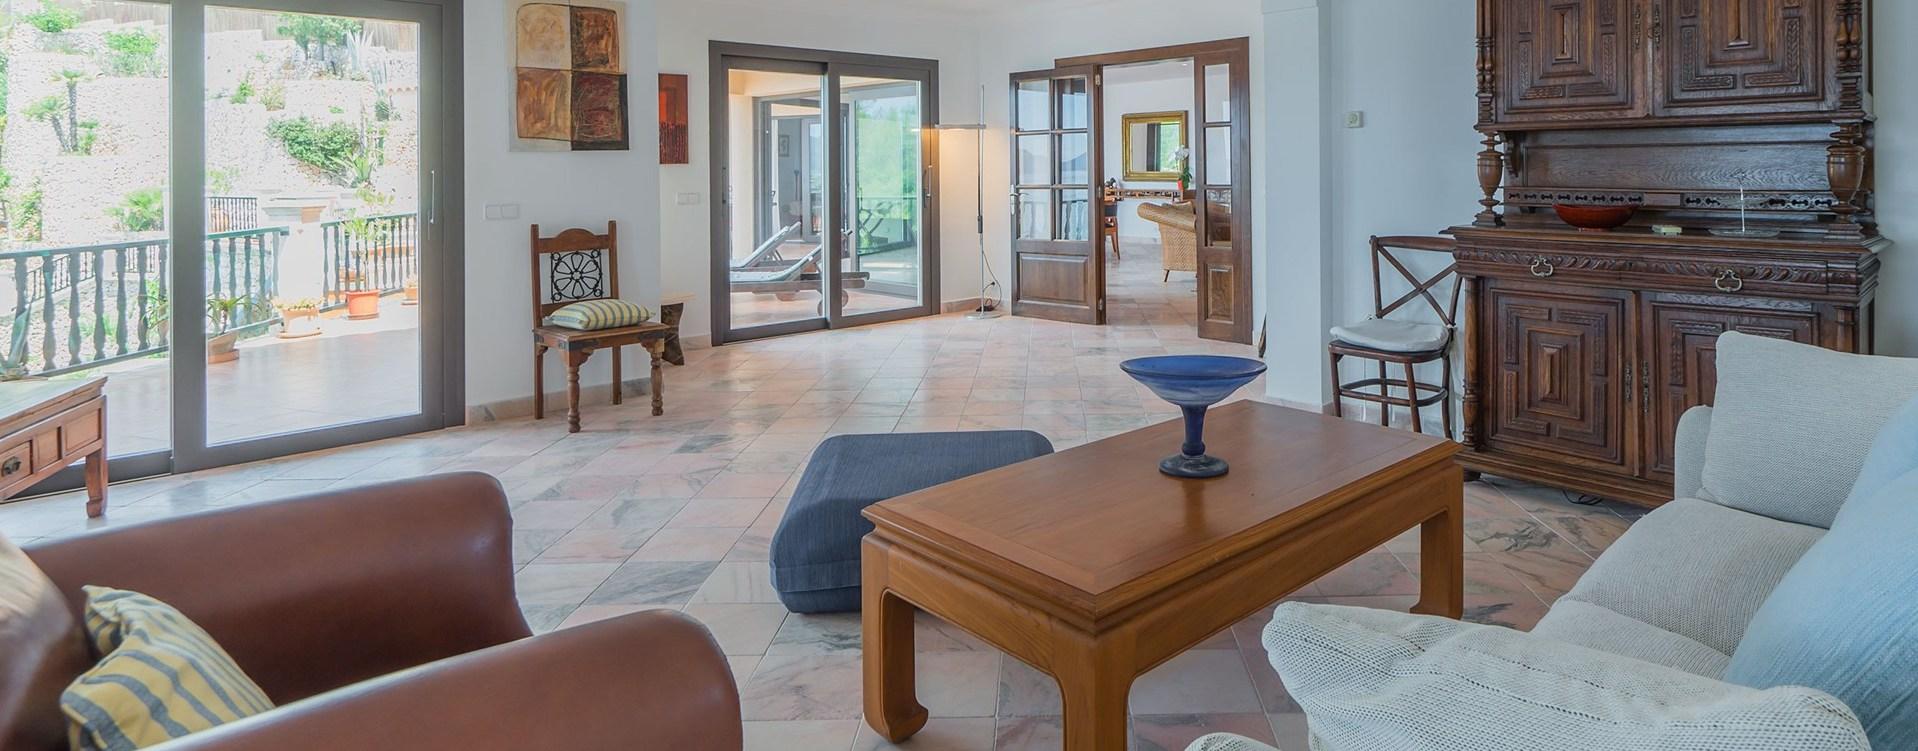 villa-el-mirador-open-plan-lounge